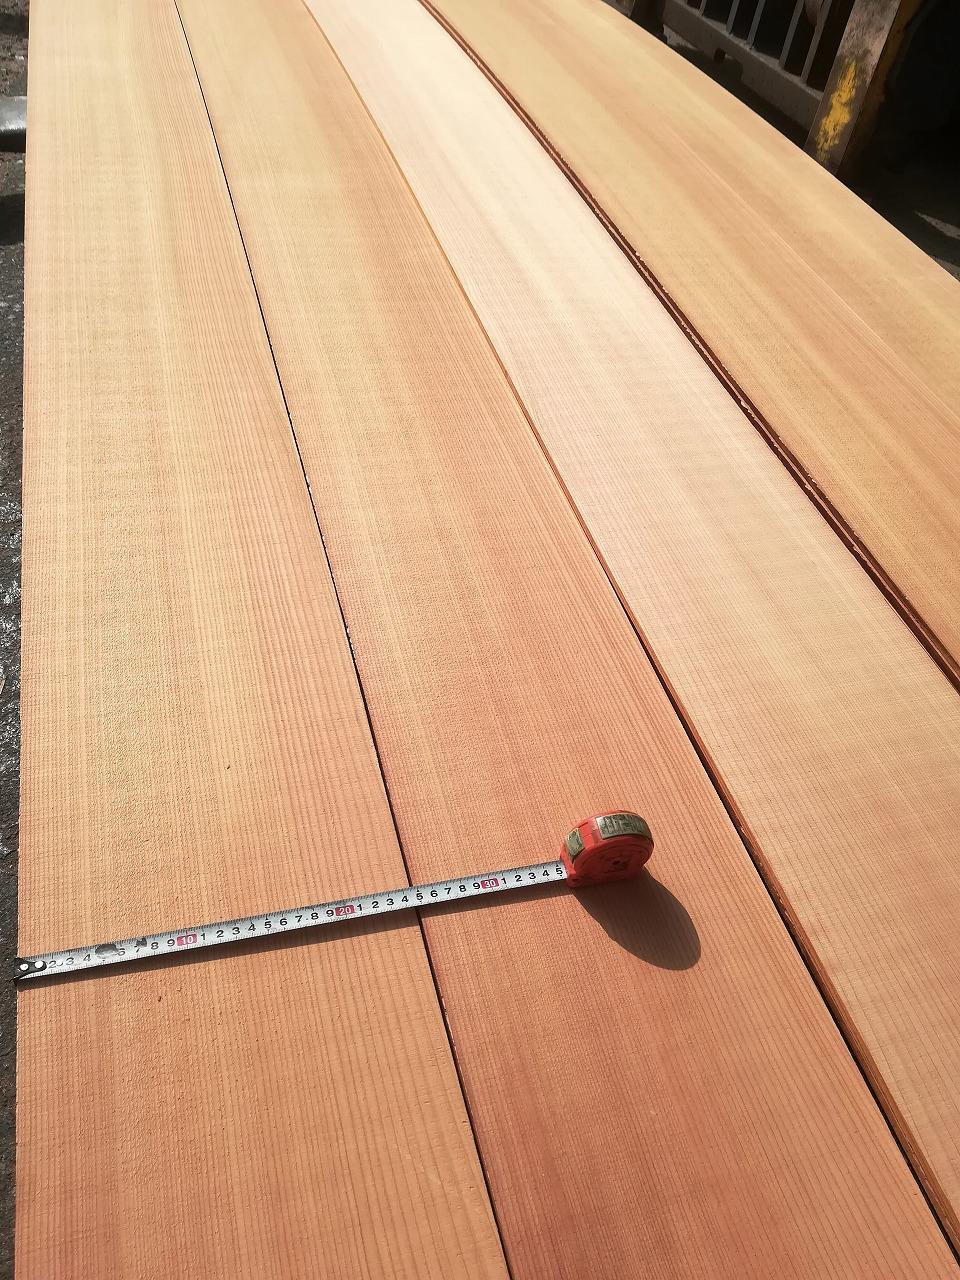 吉野杉 柾目天井板